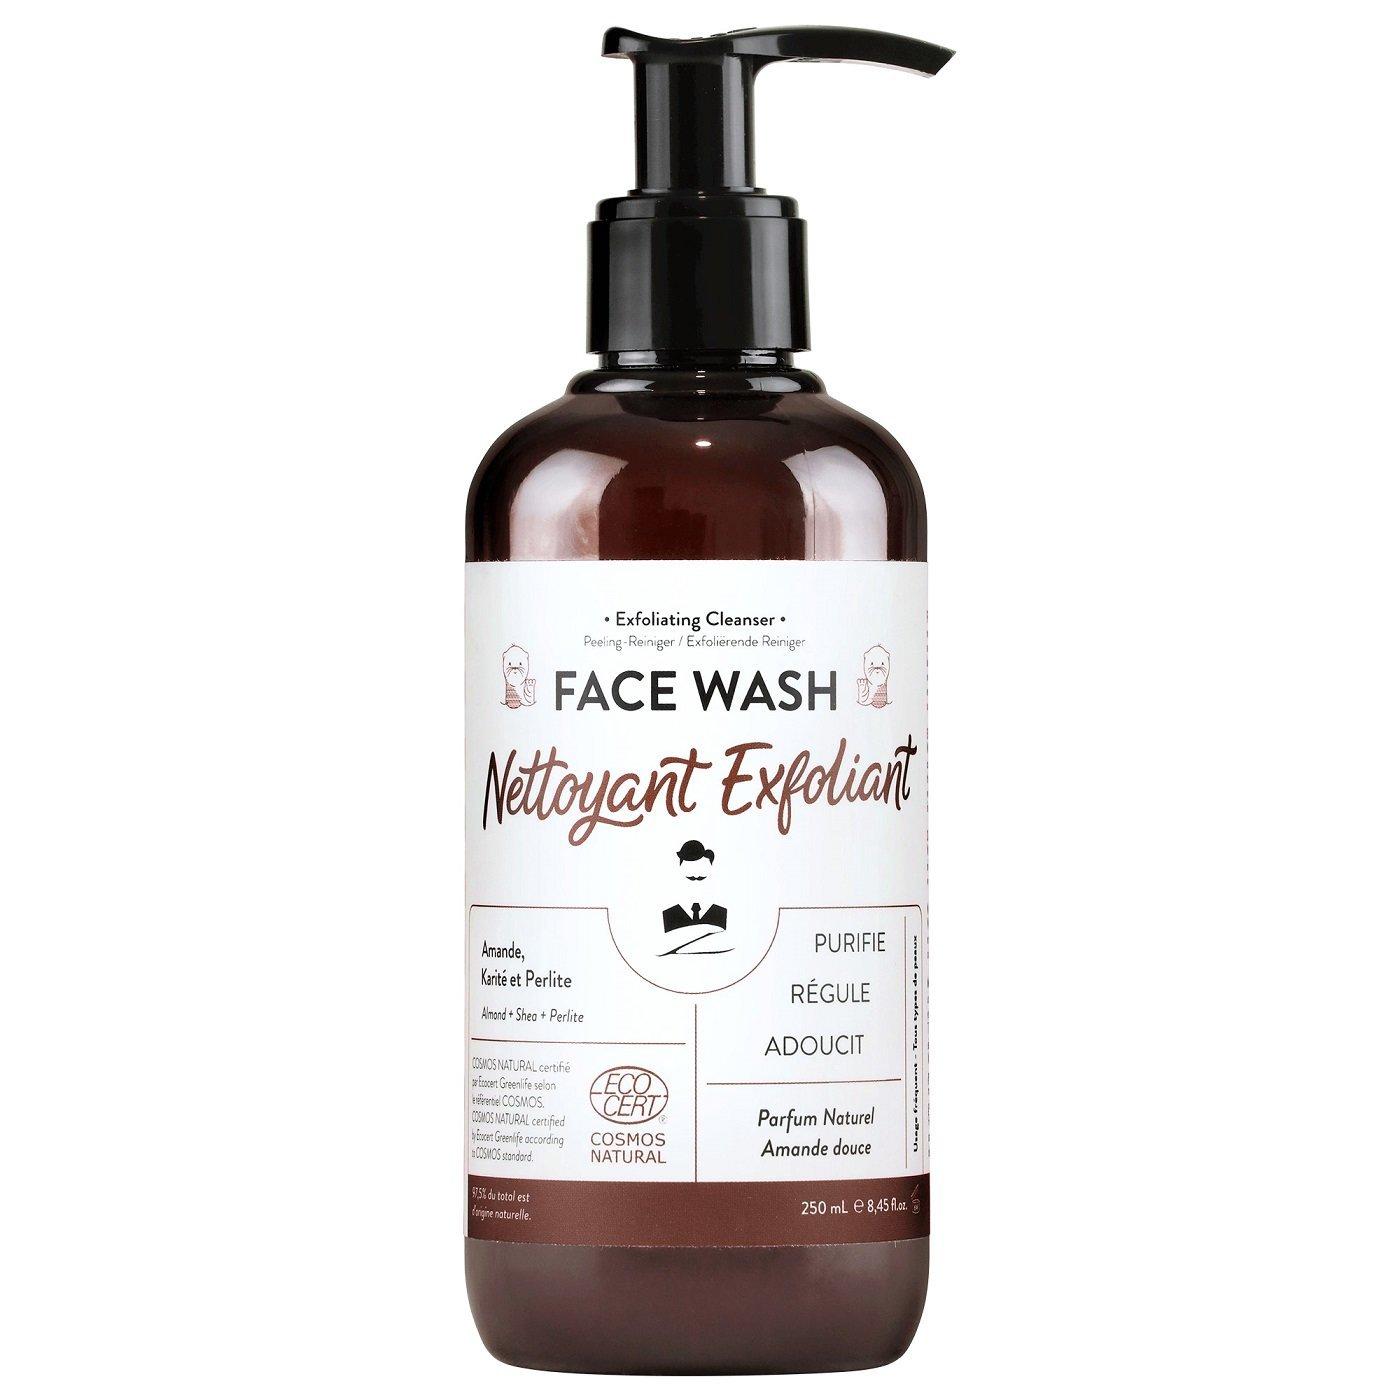 Nettoyant exfoliant face wash 250 mL